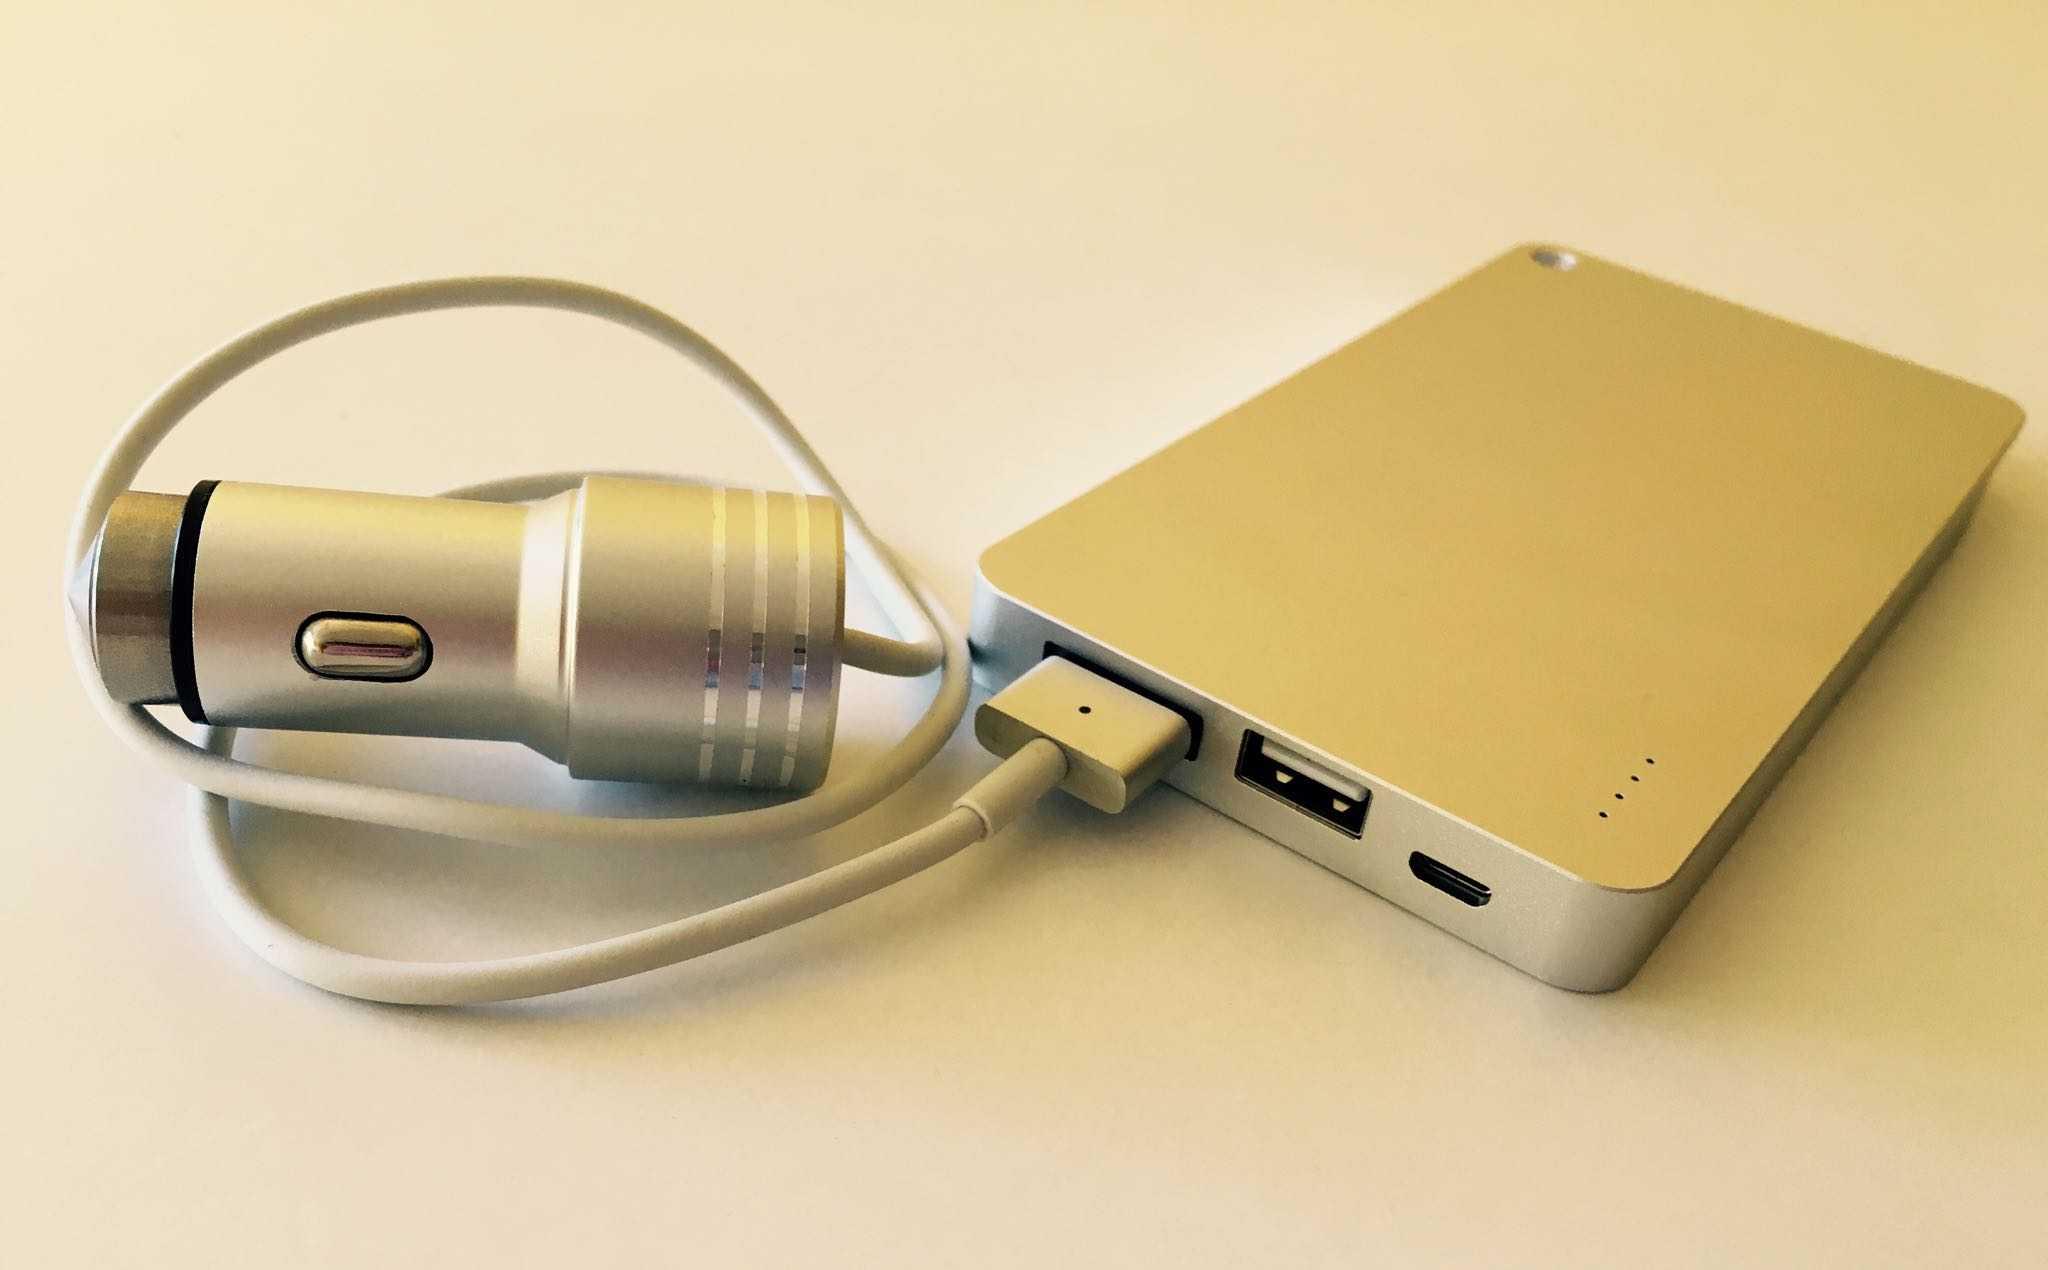 Заряжает даже macbook pro без розетки. обзор очень большого powerbank